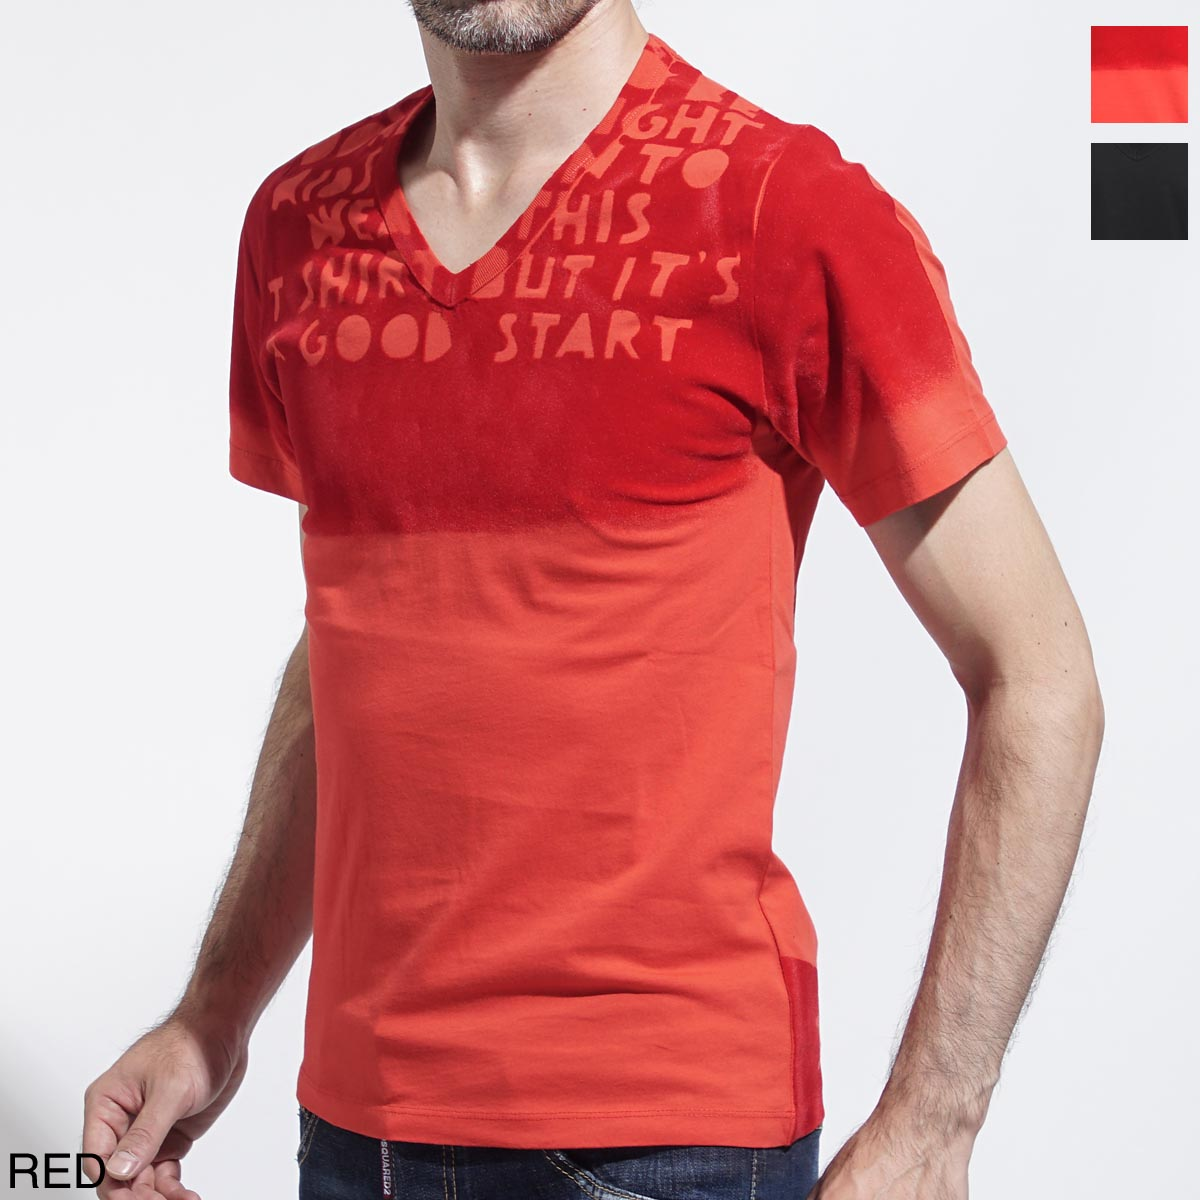 メゾンマルジェラ Maison Margiela Vネック Tシャツ レッド メンズ カットソー プリント デザイン s30gj0007 s20299 968【あす楽対応_関東】【ラッピング無料】【返品送料無料】【180810】